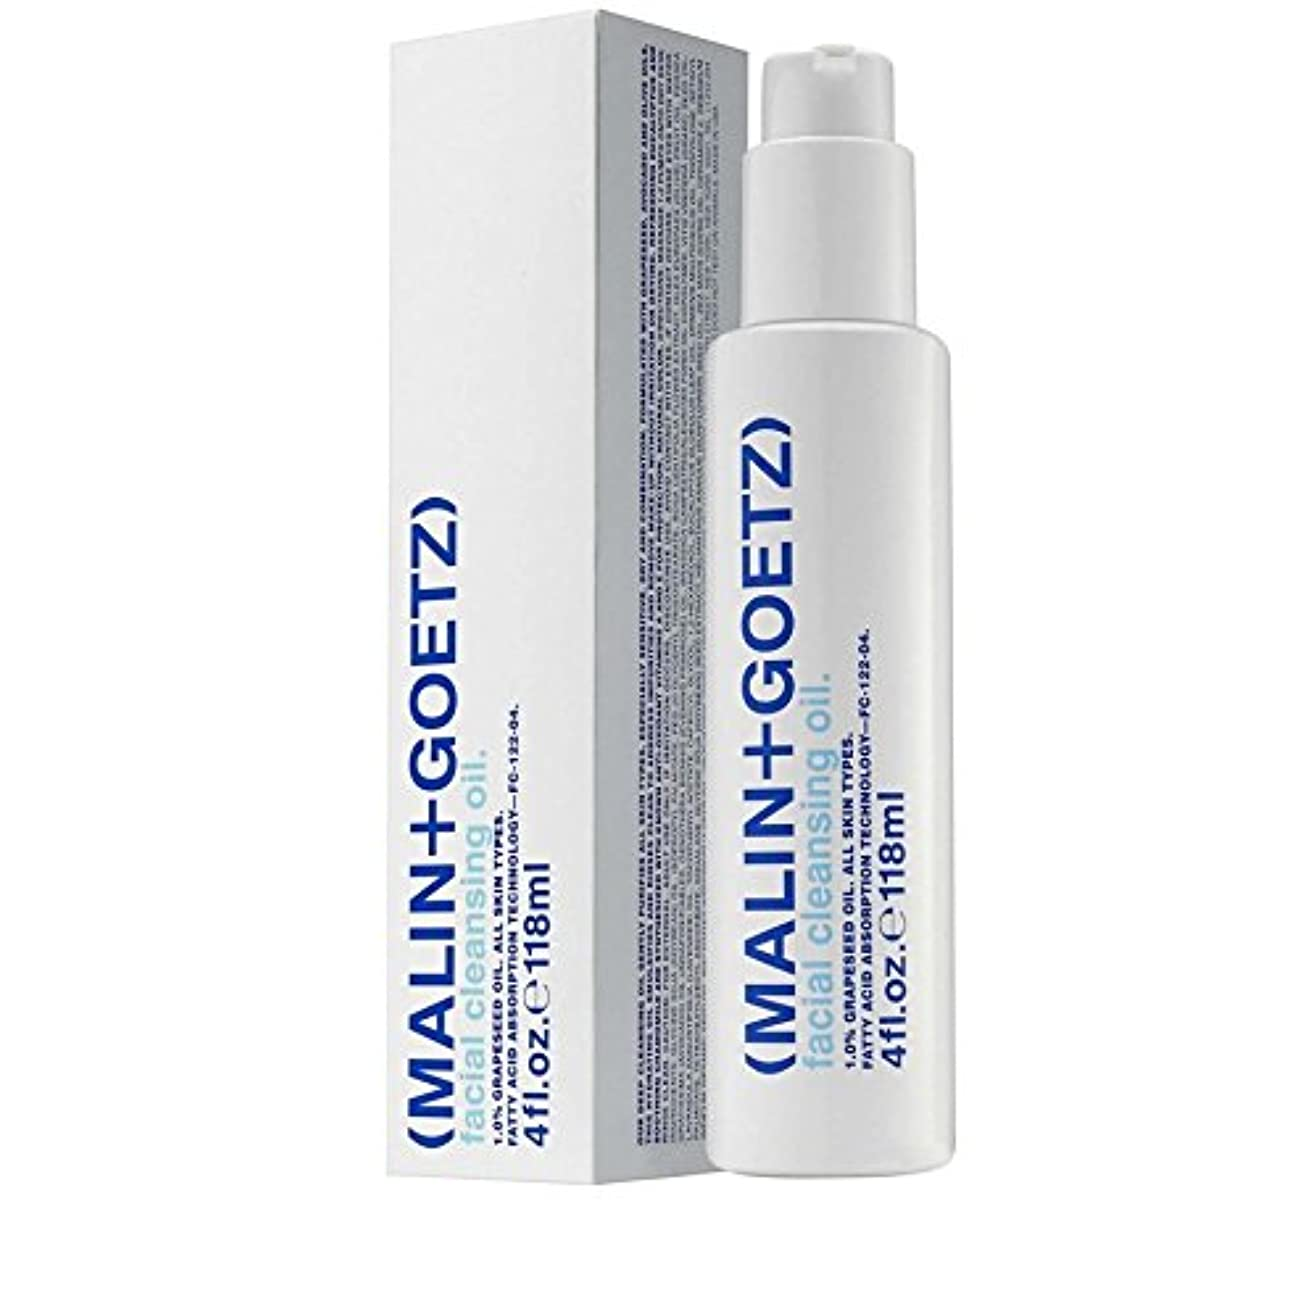 検索エンジンマーケティング味わう一時停止マリン+ゲッツ洗顔オイル118ミリリットル x2 - MALIN+GOETZ Facial Cleansing Oil 118ml (Pack of 2) [並行輸入品]